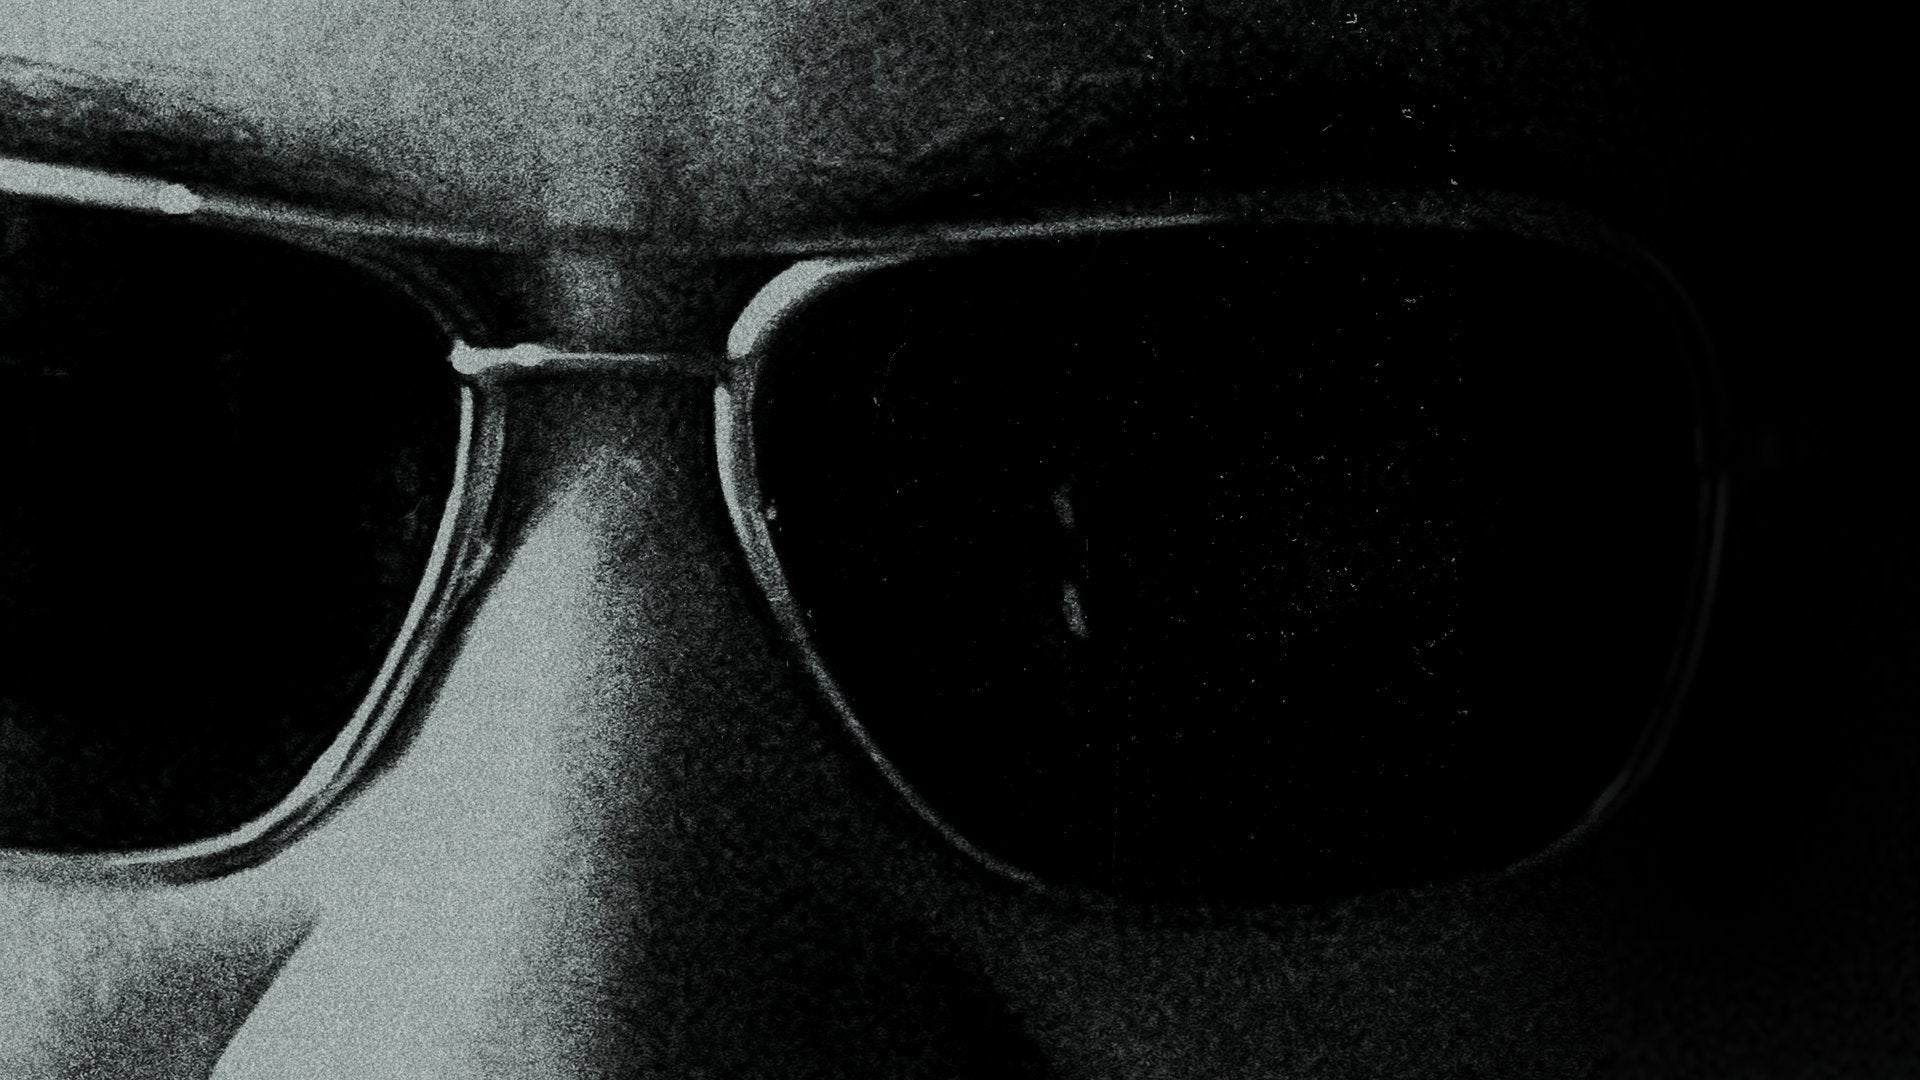 Jonestown: Terror in the Jungle